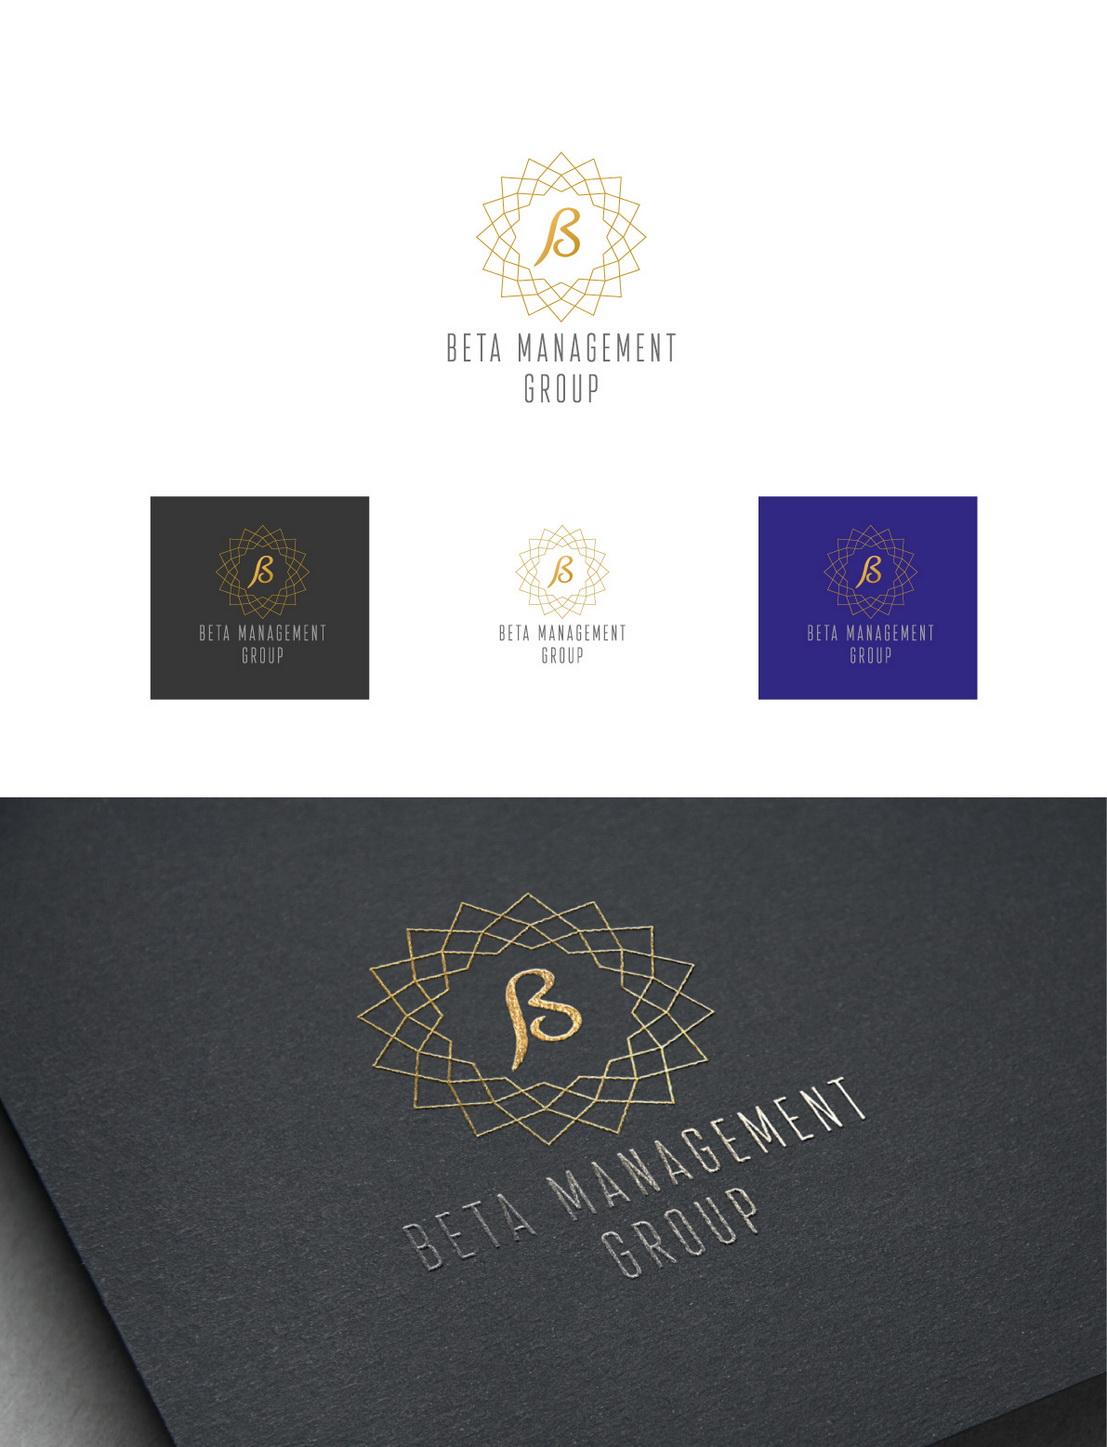 Разработка логотипа и знака для компании